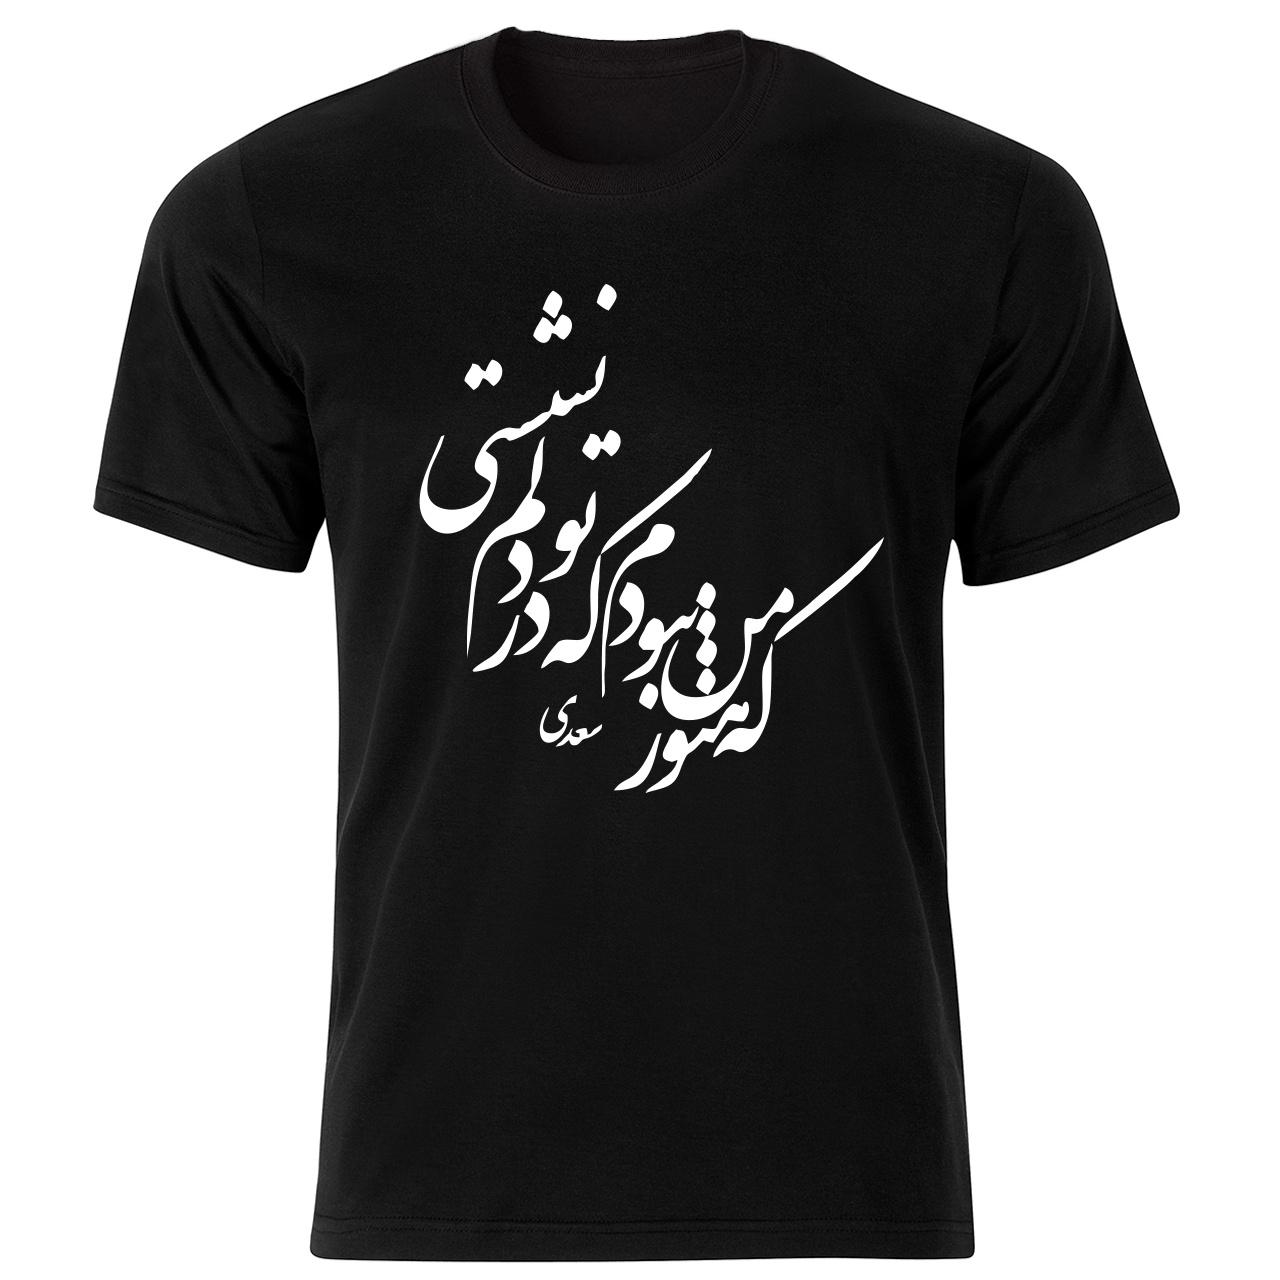 تی شرت زنانه طرح شعر سعدی کد 184